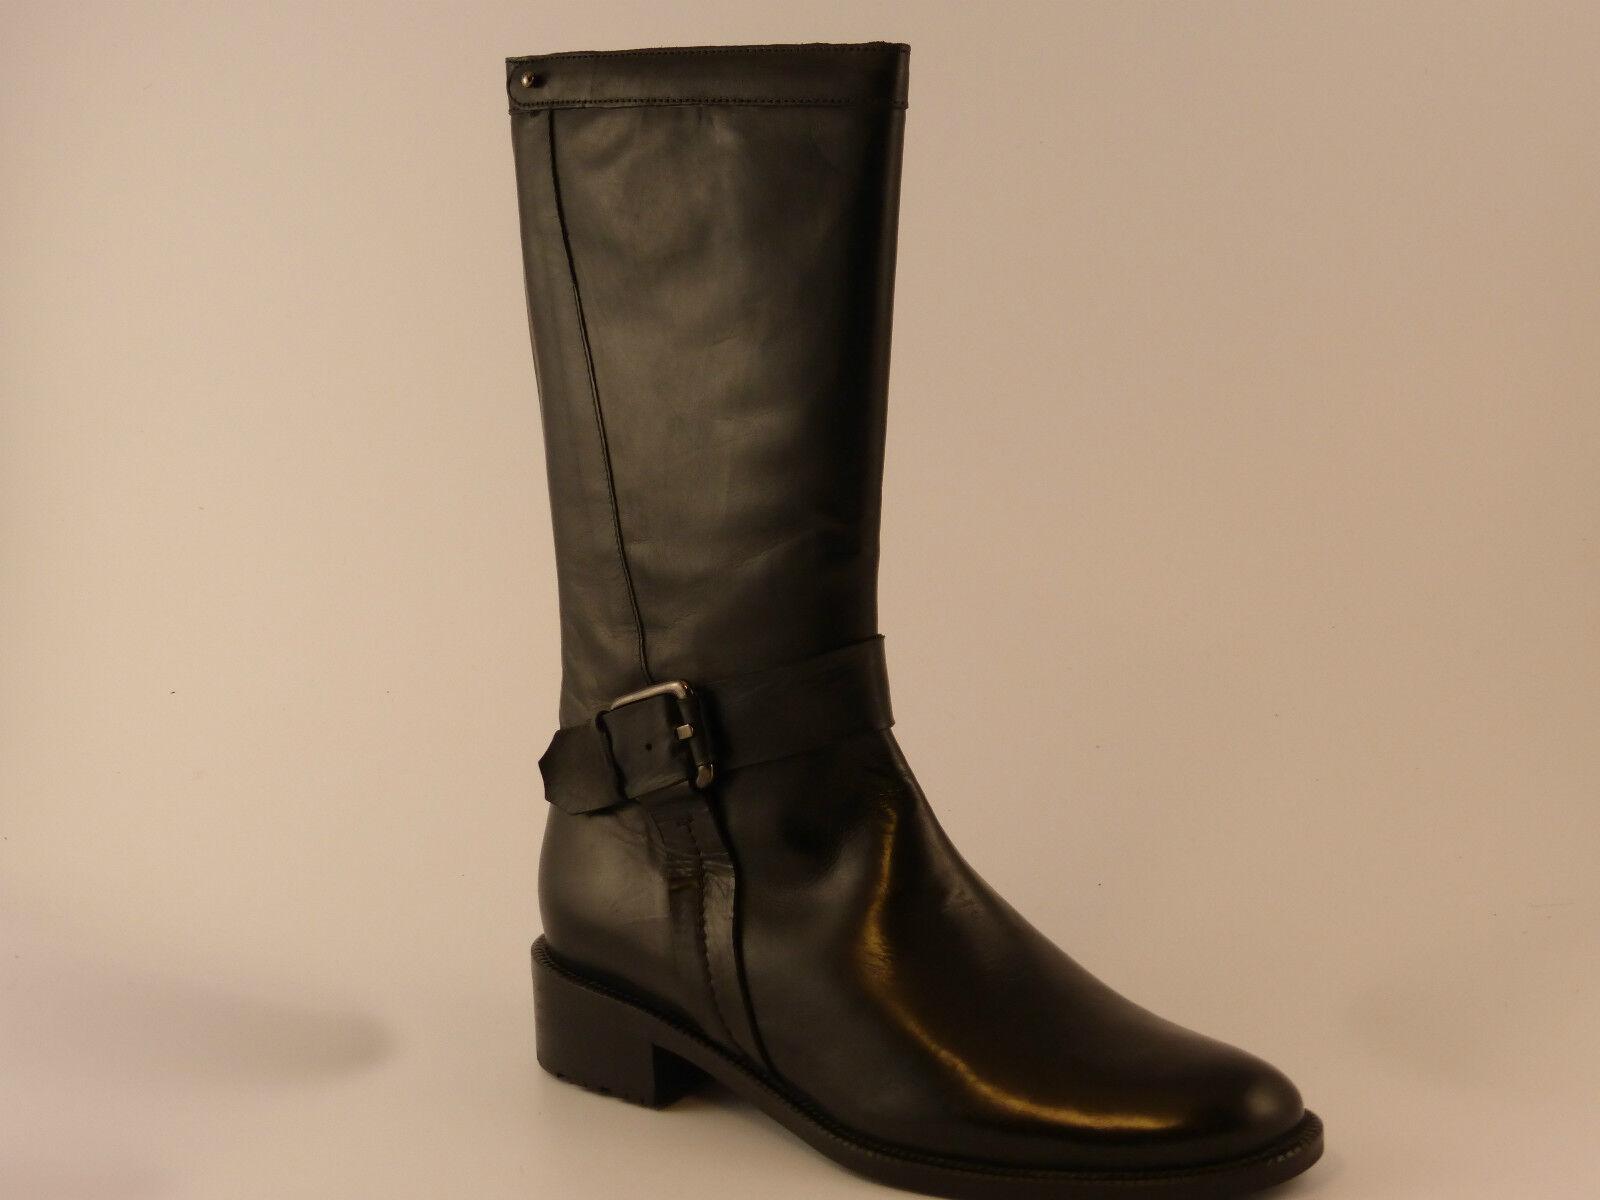 Damen Stiefel schwarz Leder Nic Dean Art.:5000-11708 zum Sonderpreis